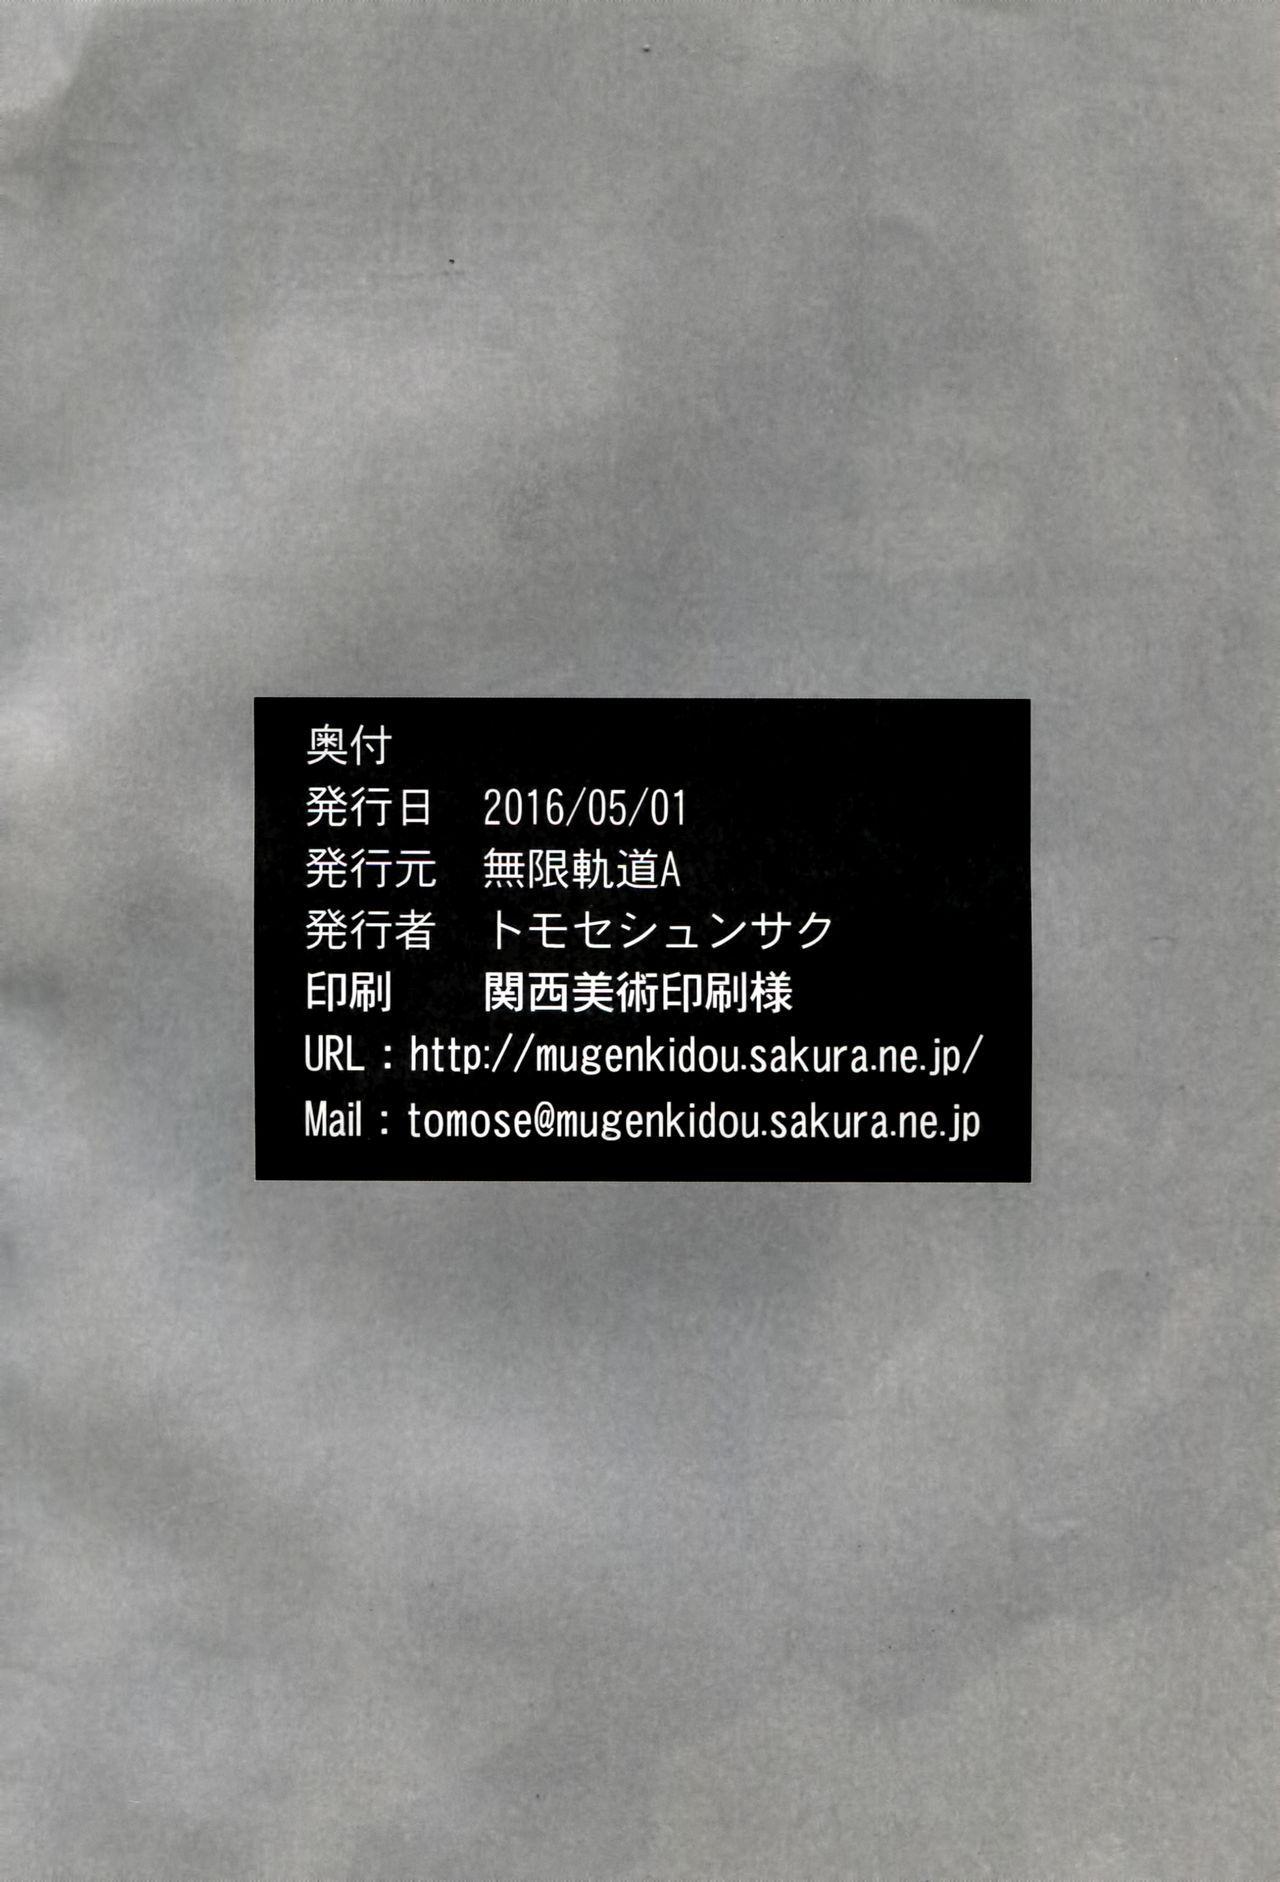 Enko-sei! 25